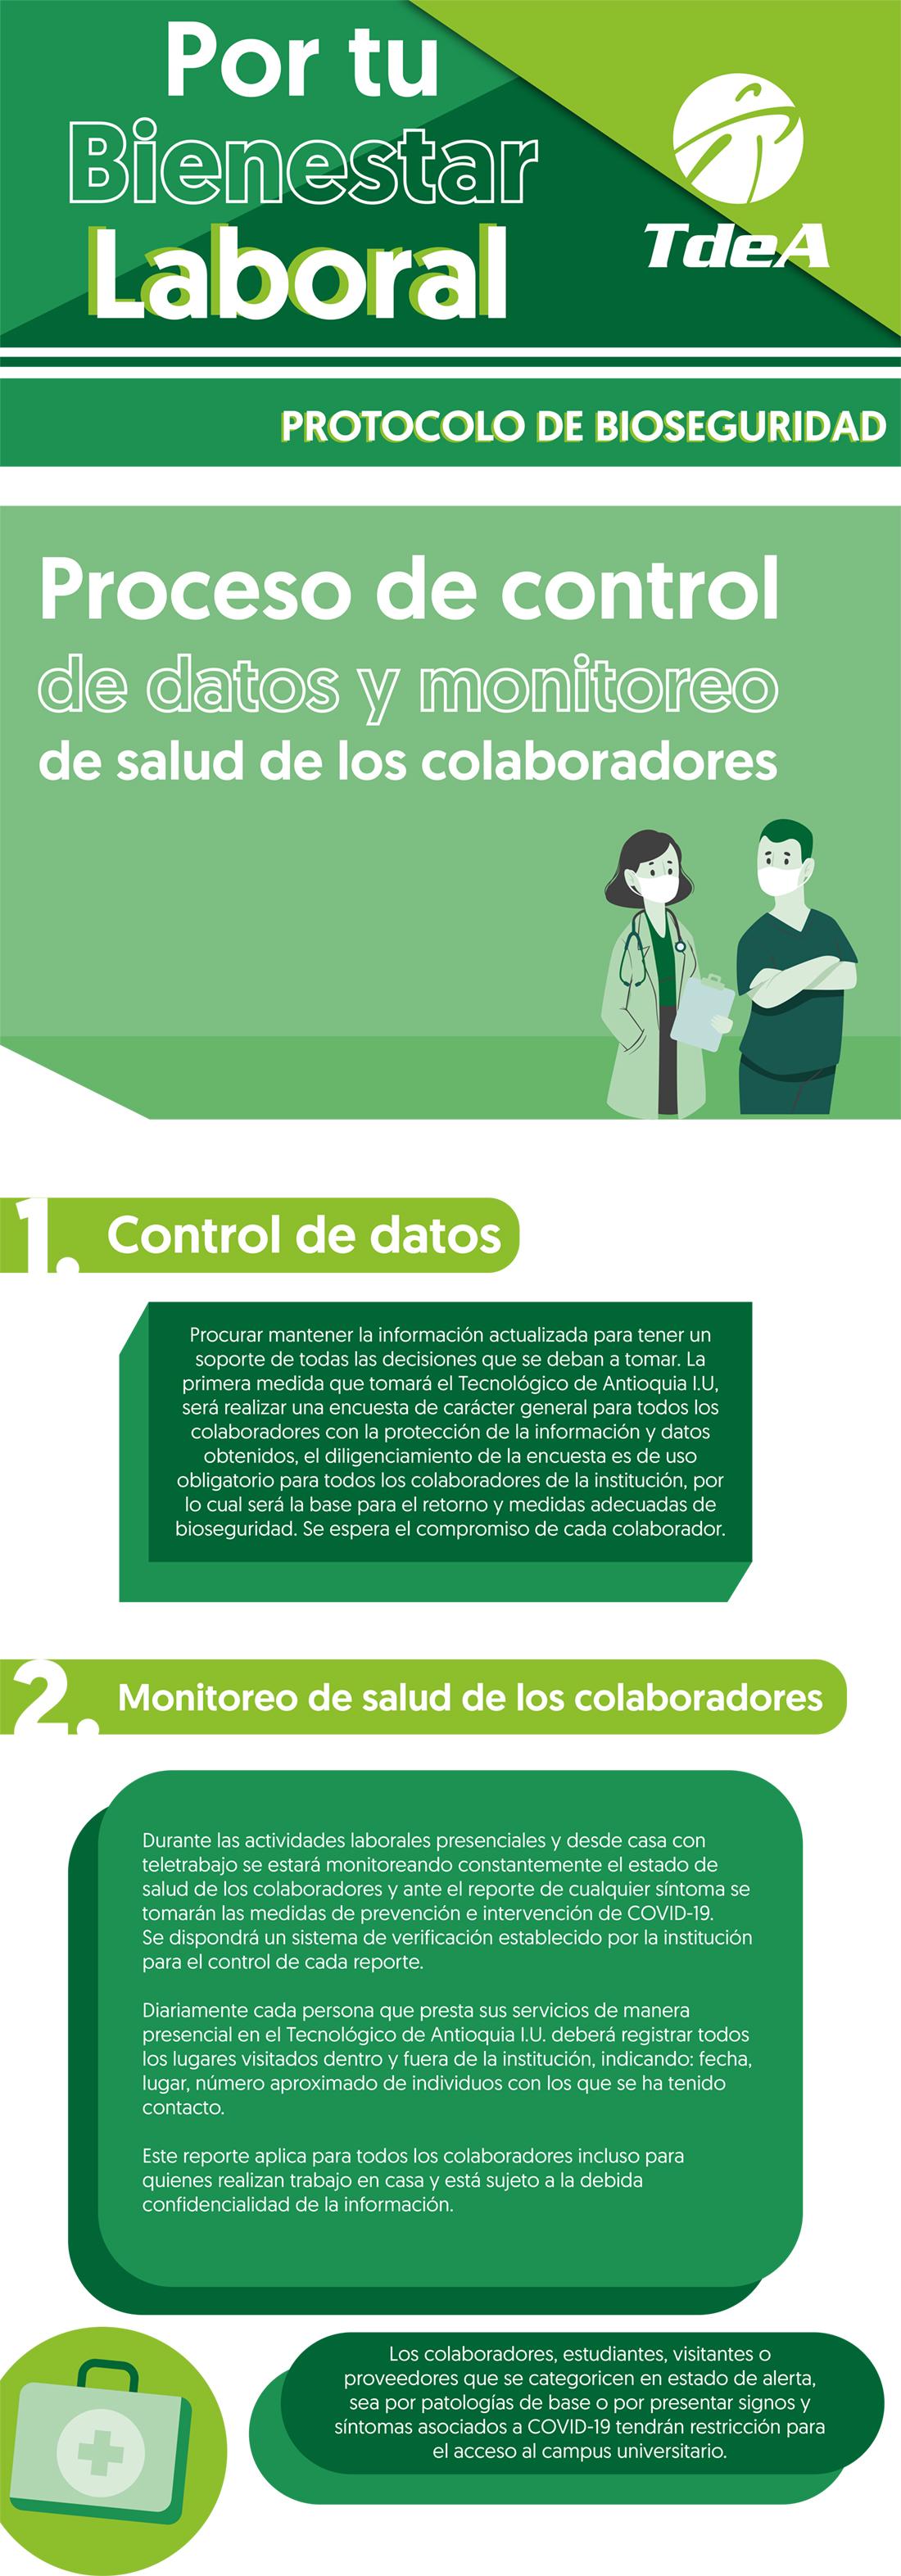 Proceso de control de datos y monitoreo de salud de los colaboradores